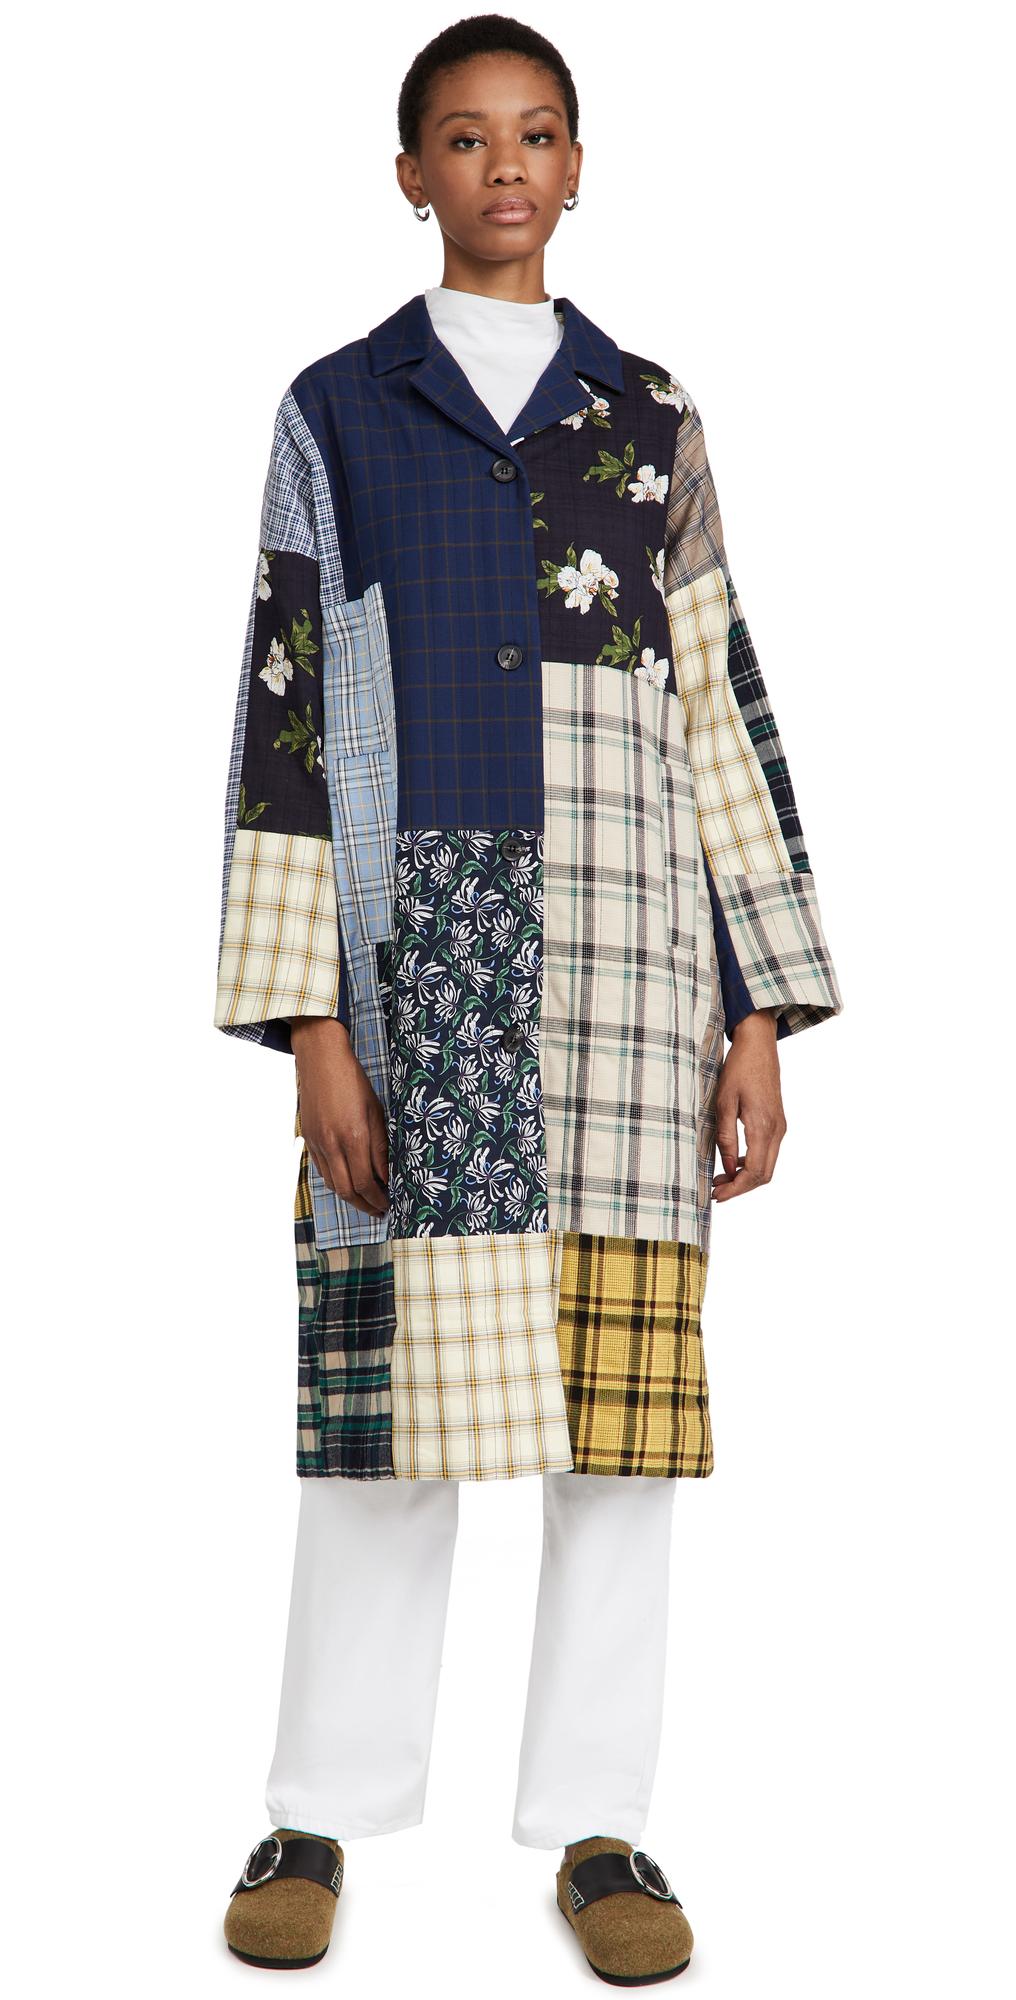 Ruthy Coat